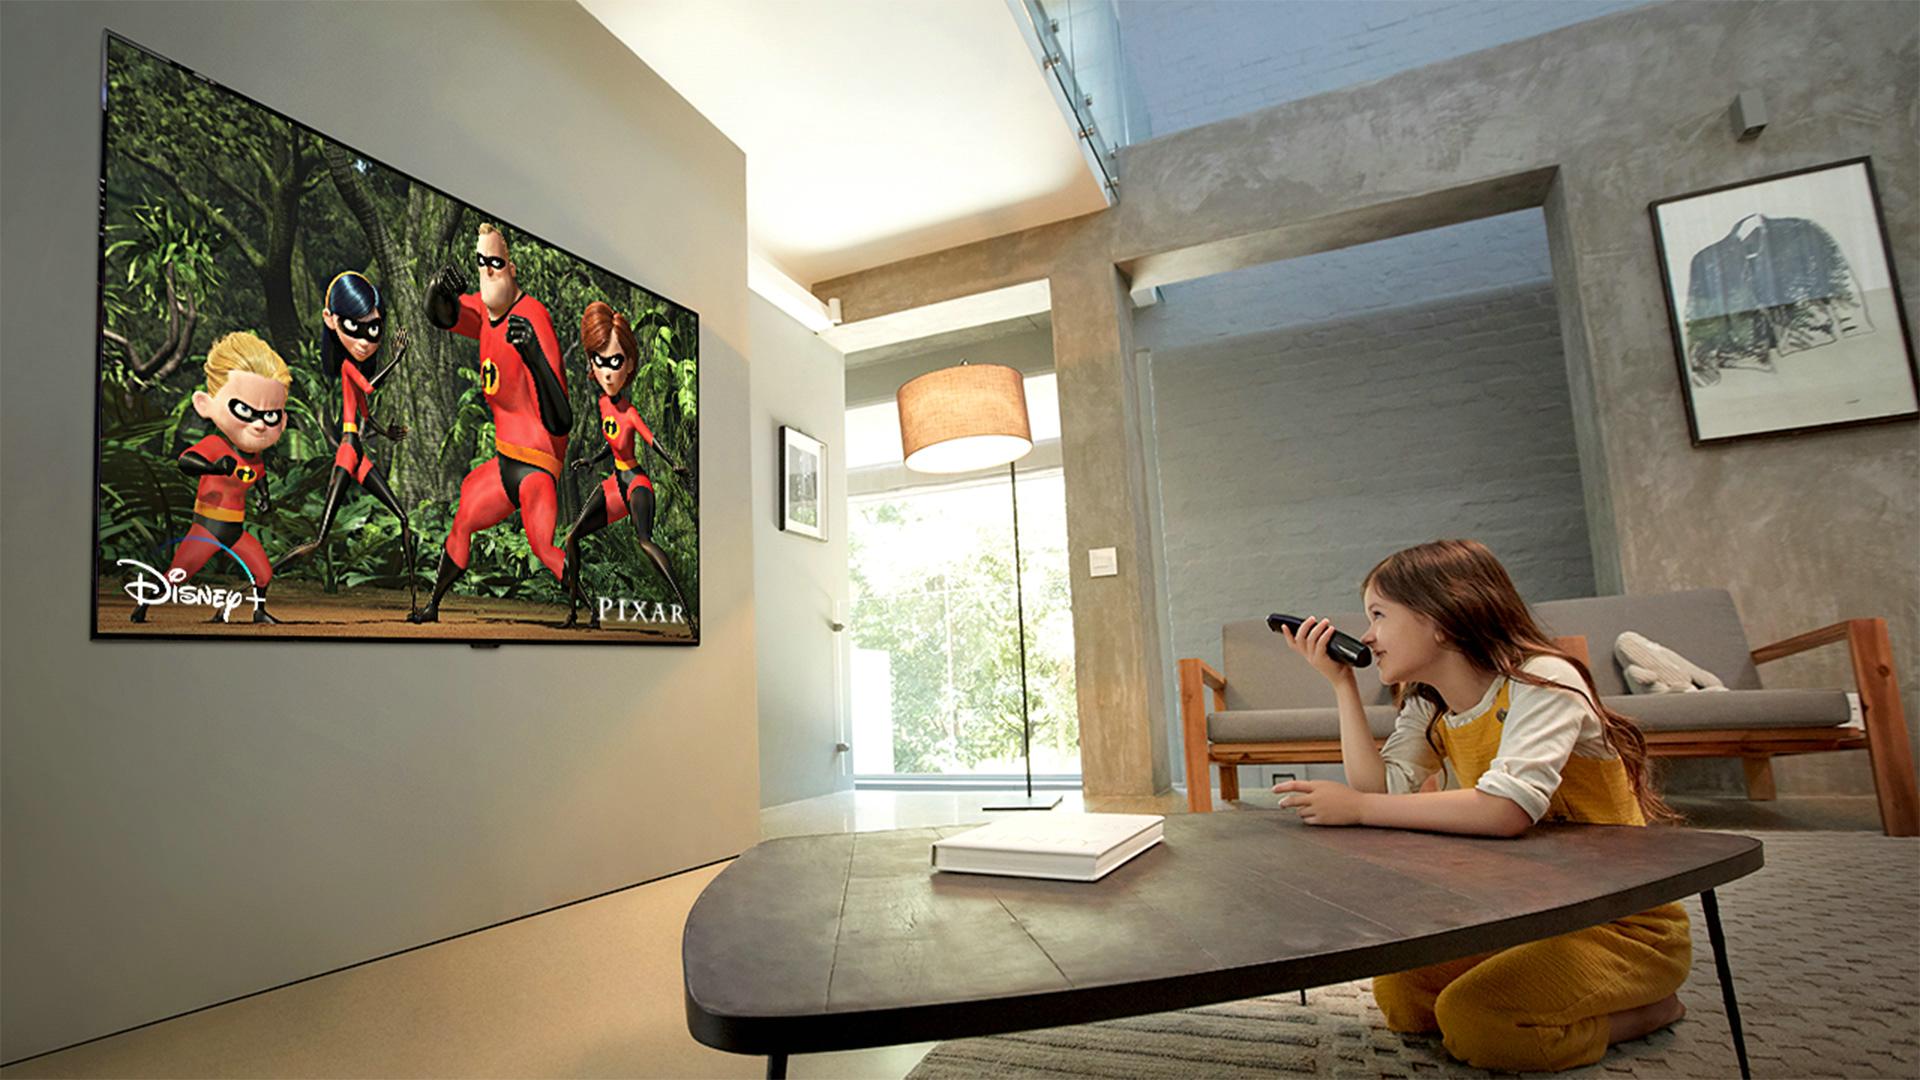 LG GX OLED Gallery